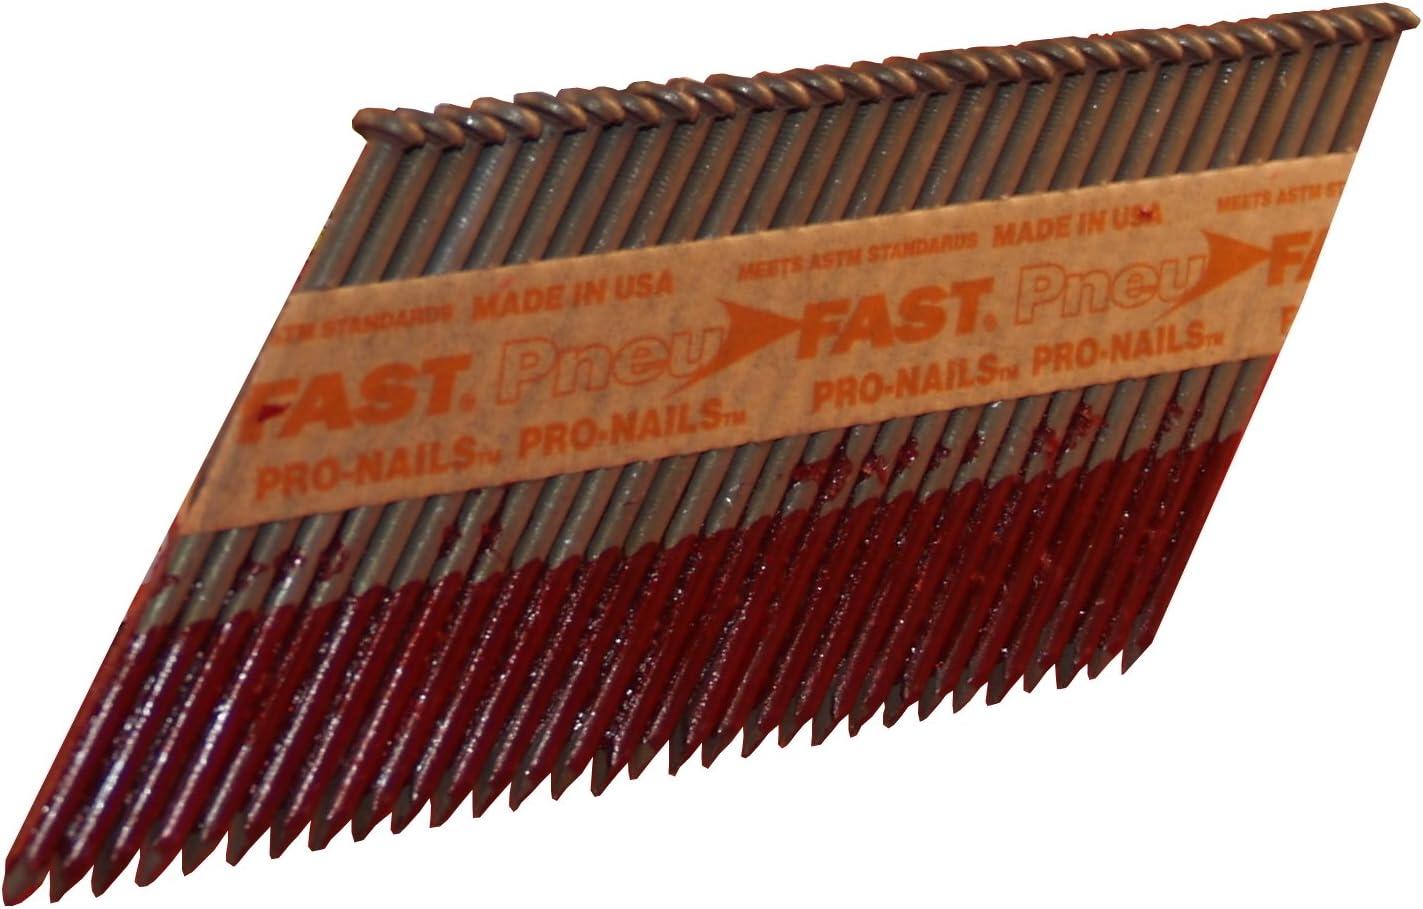 Pneu-Fast SP16DHG 3-1/2-by-0.131-Inch Tri-Coat Galvanized Clippe